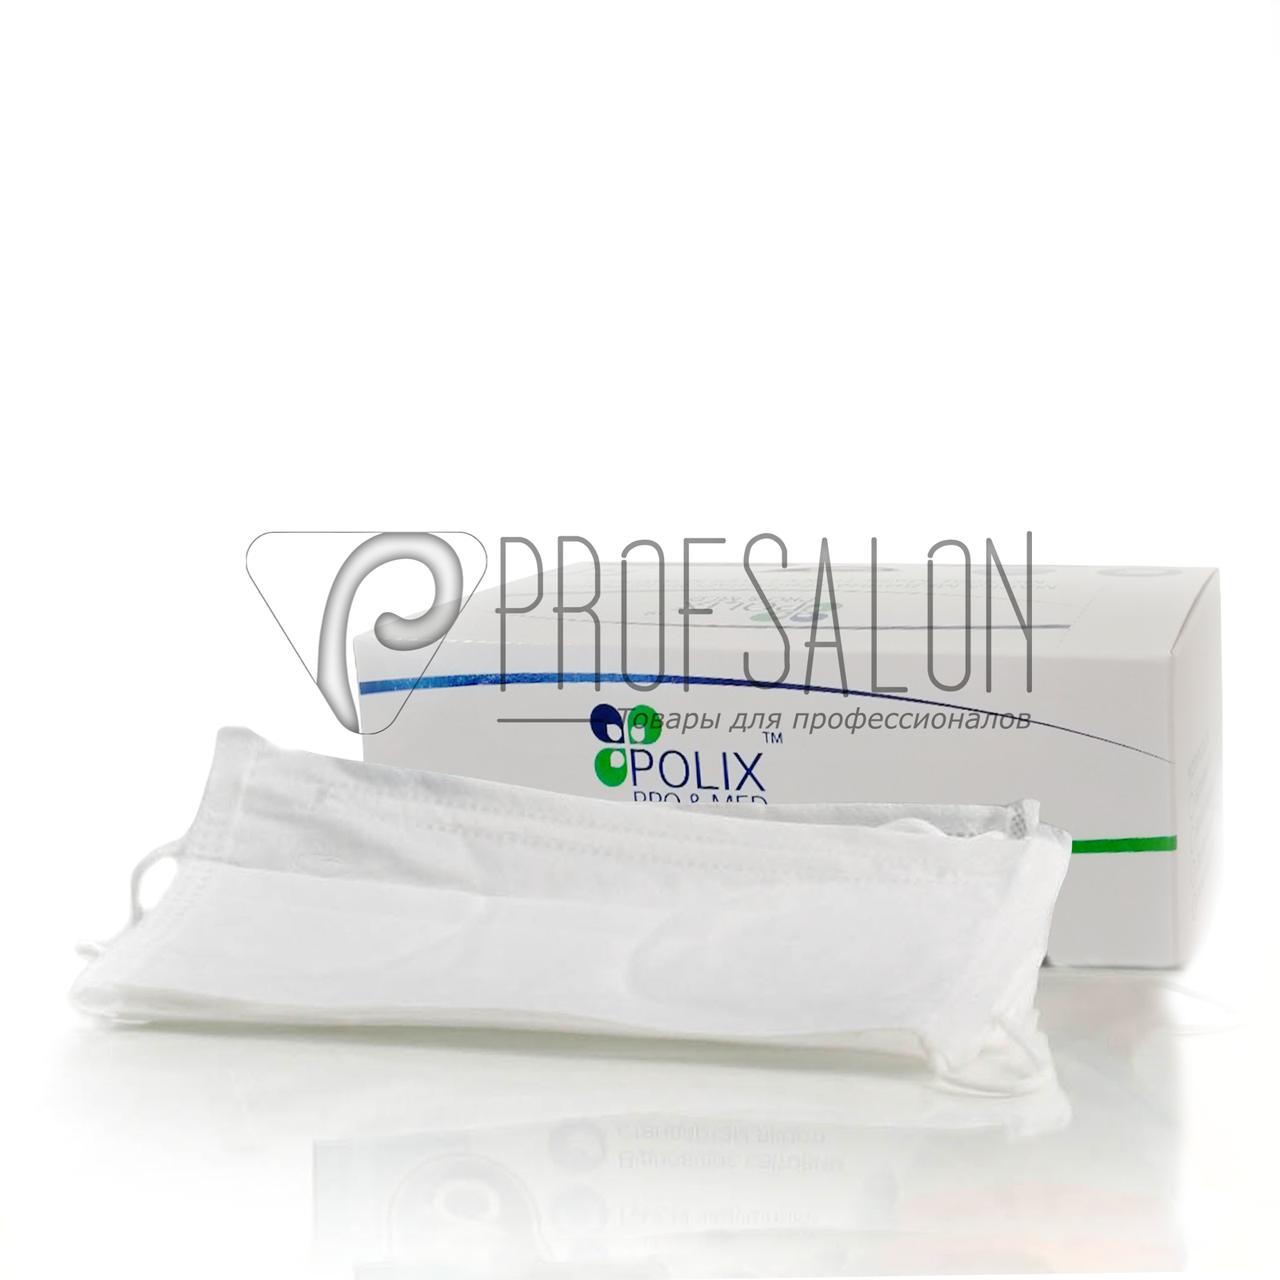 Маска медицинская, 3-х слойные, на резинке, с гибким носовым фиксатором Polix, в упаковке 50 шт, белые